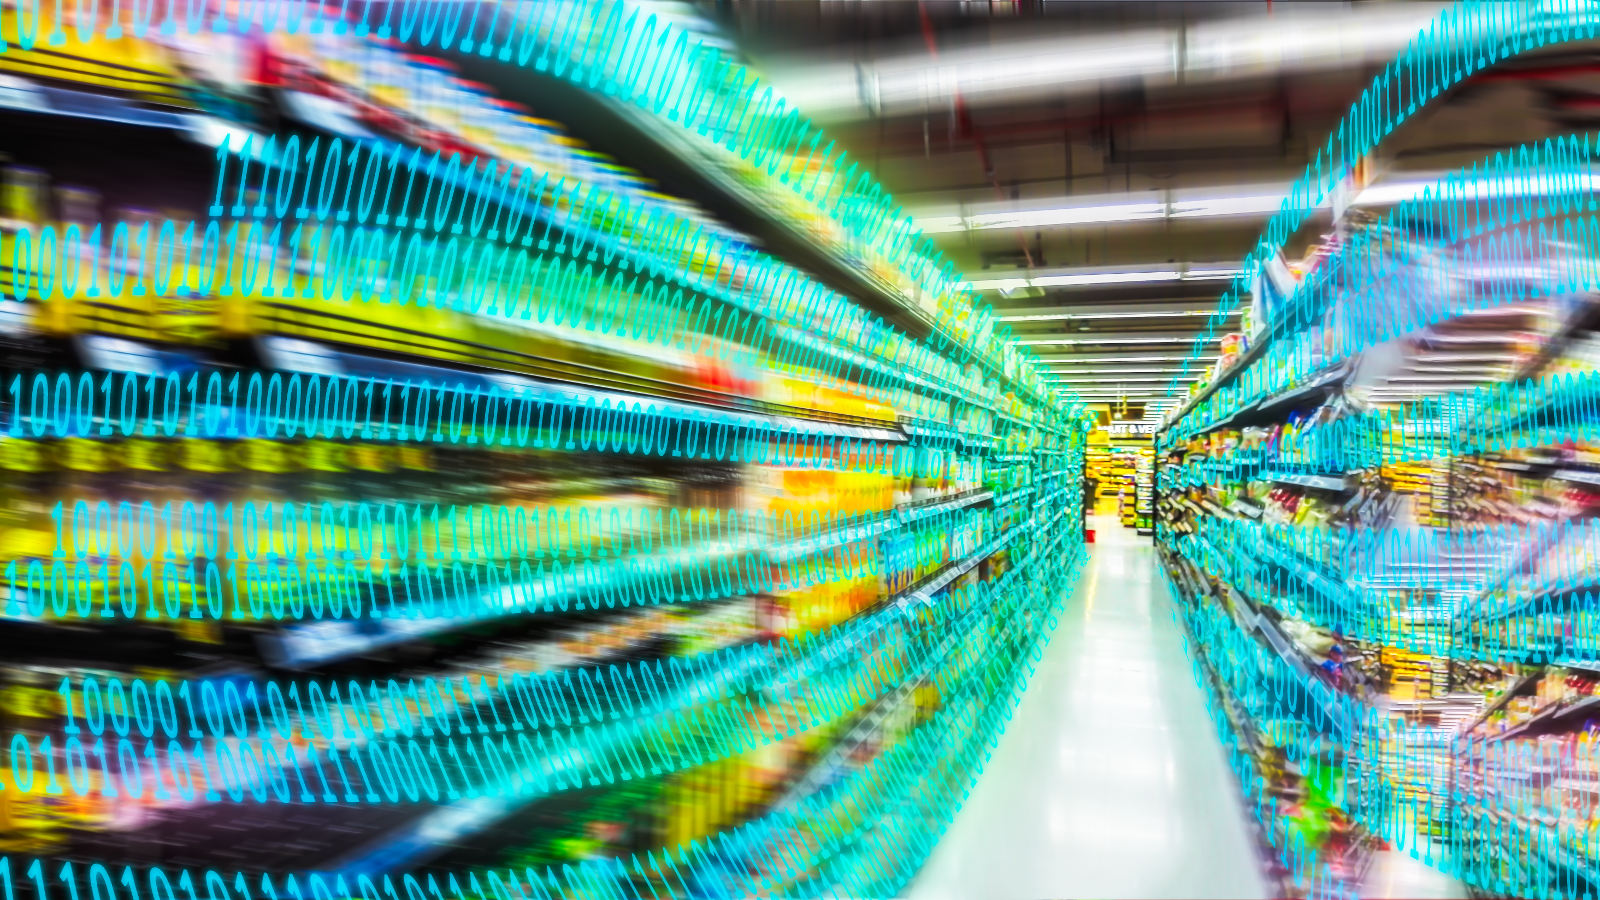 Ataque cibernético ao meu supermercado? Será possível?